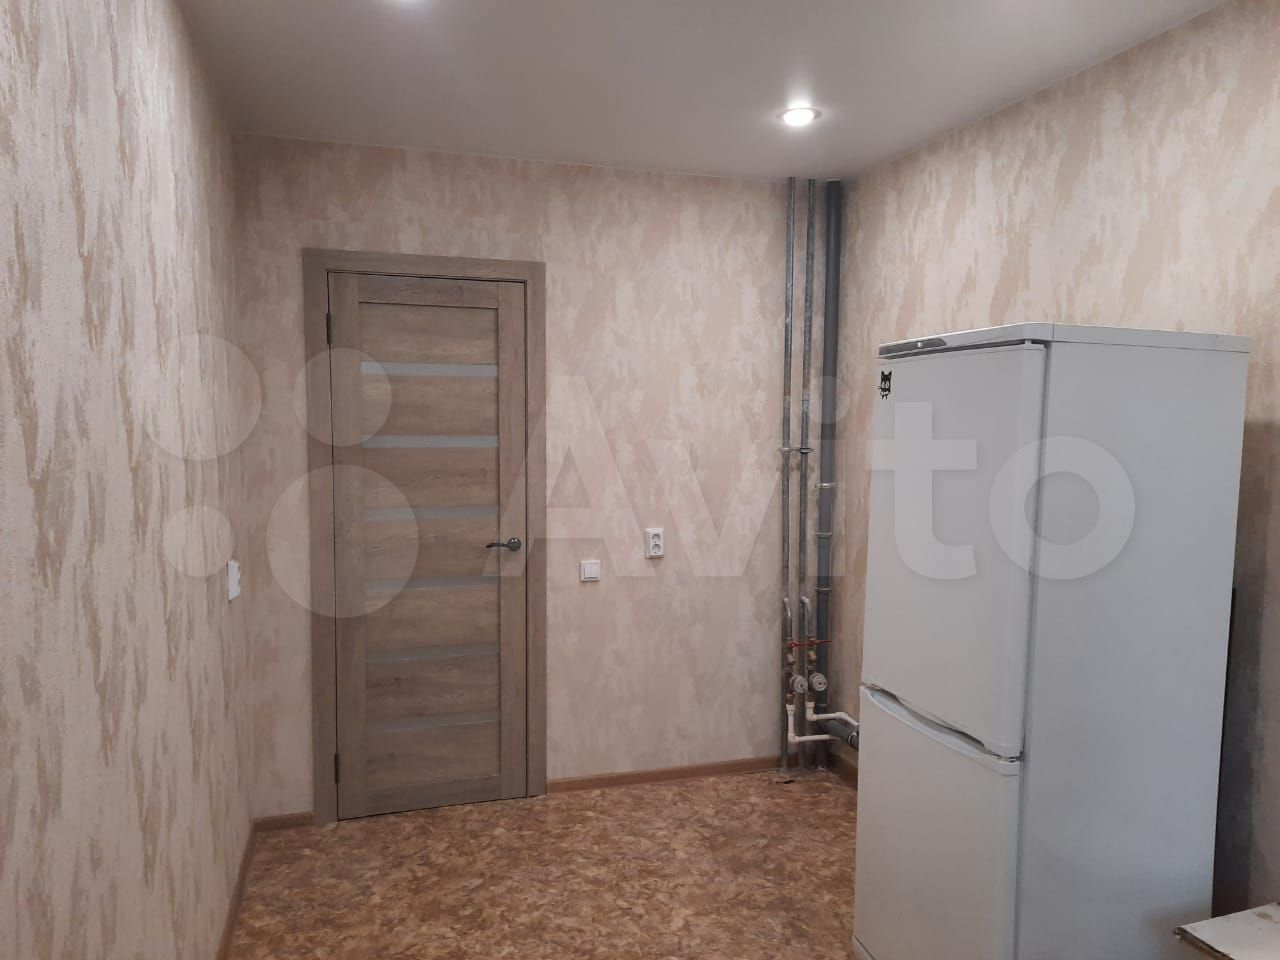 2-к квартира, 56 м², 3/5 эт.  89276808480 купить 6